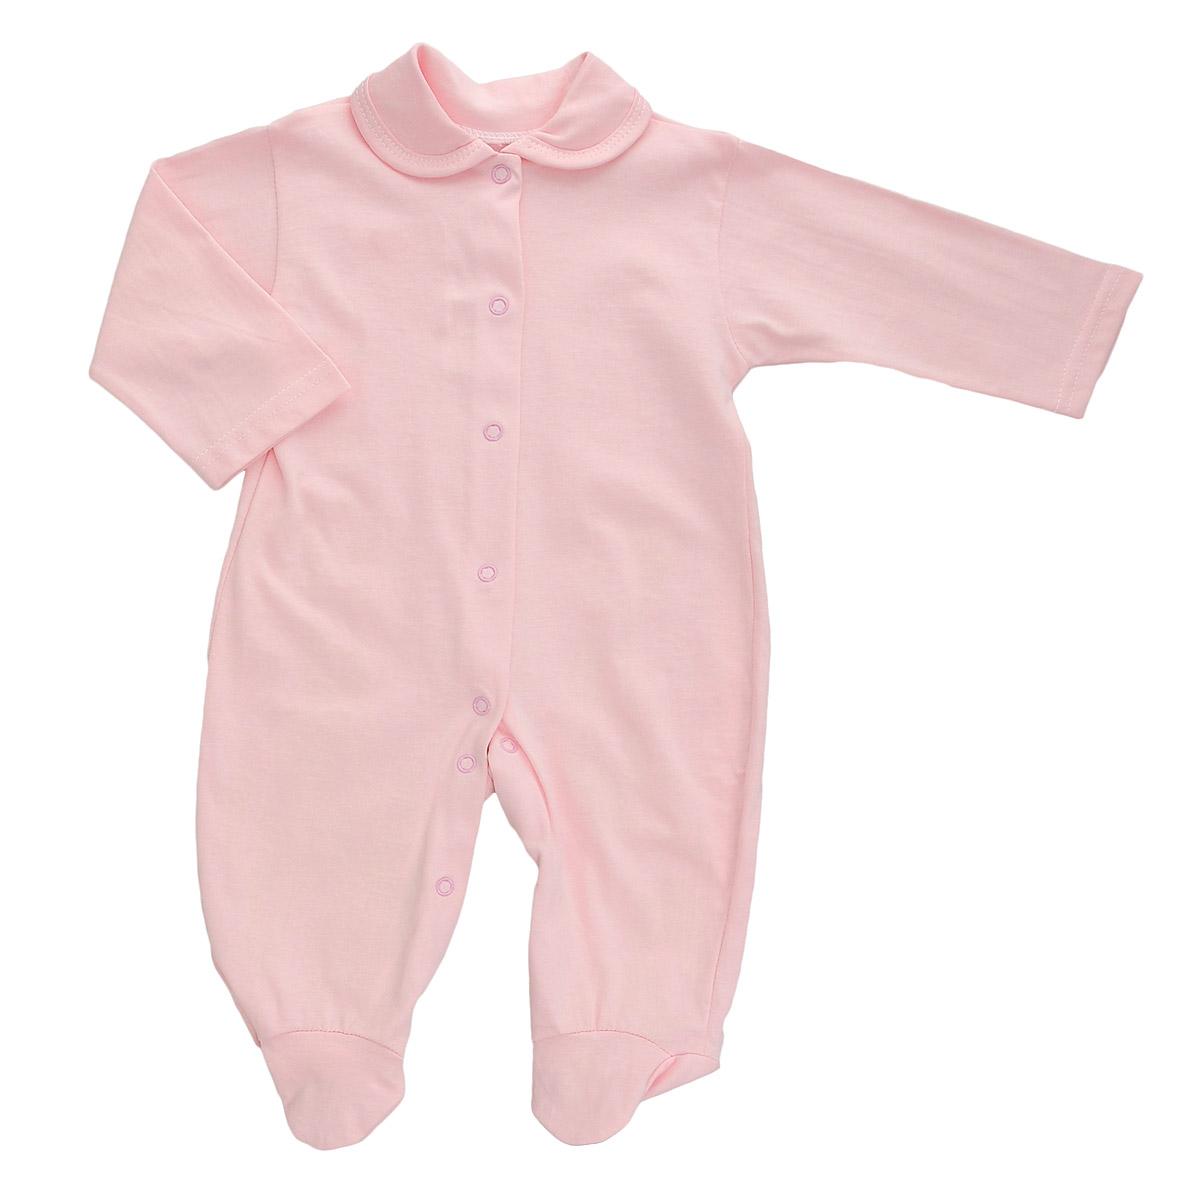 Комбинезон детский Трон-Плюс, цвет: розовый. 5805. Размер 68, 6 месяцев